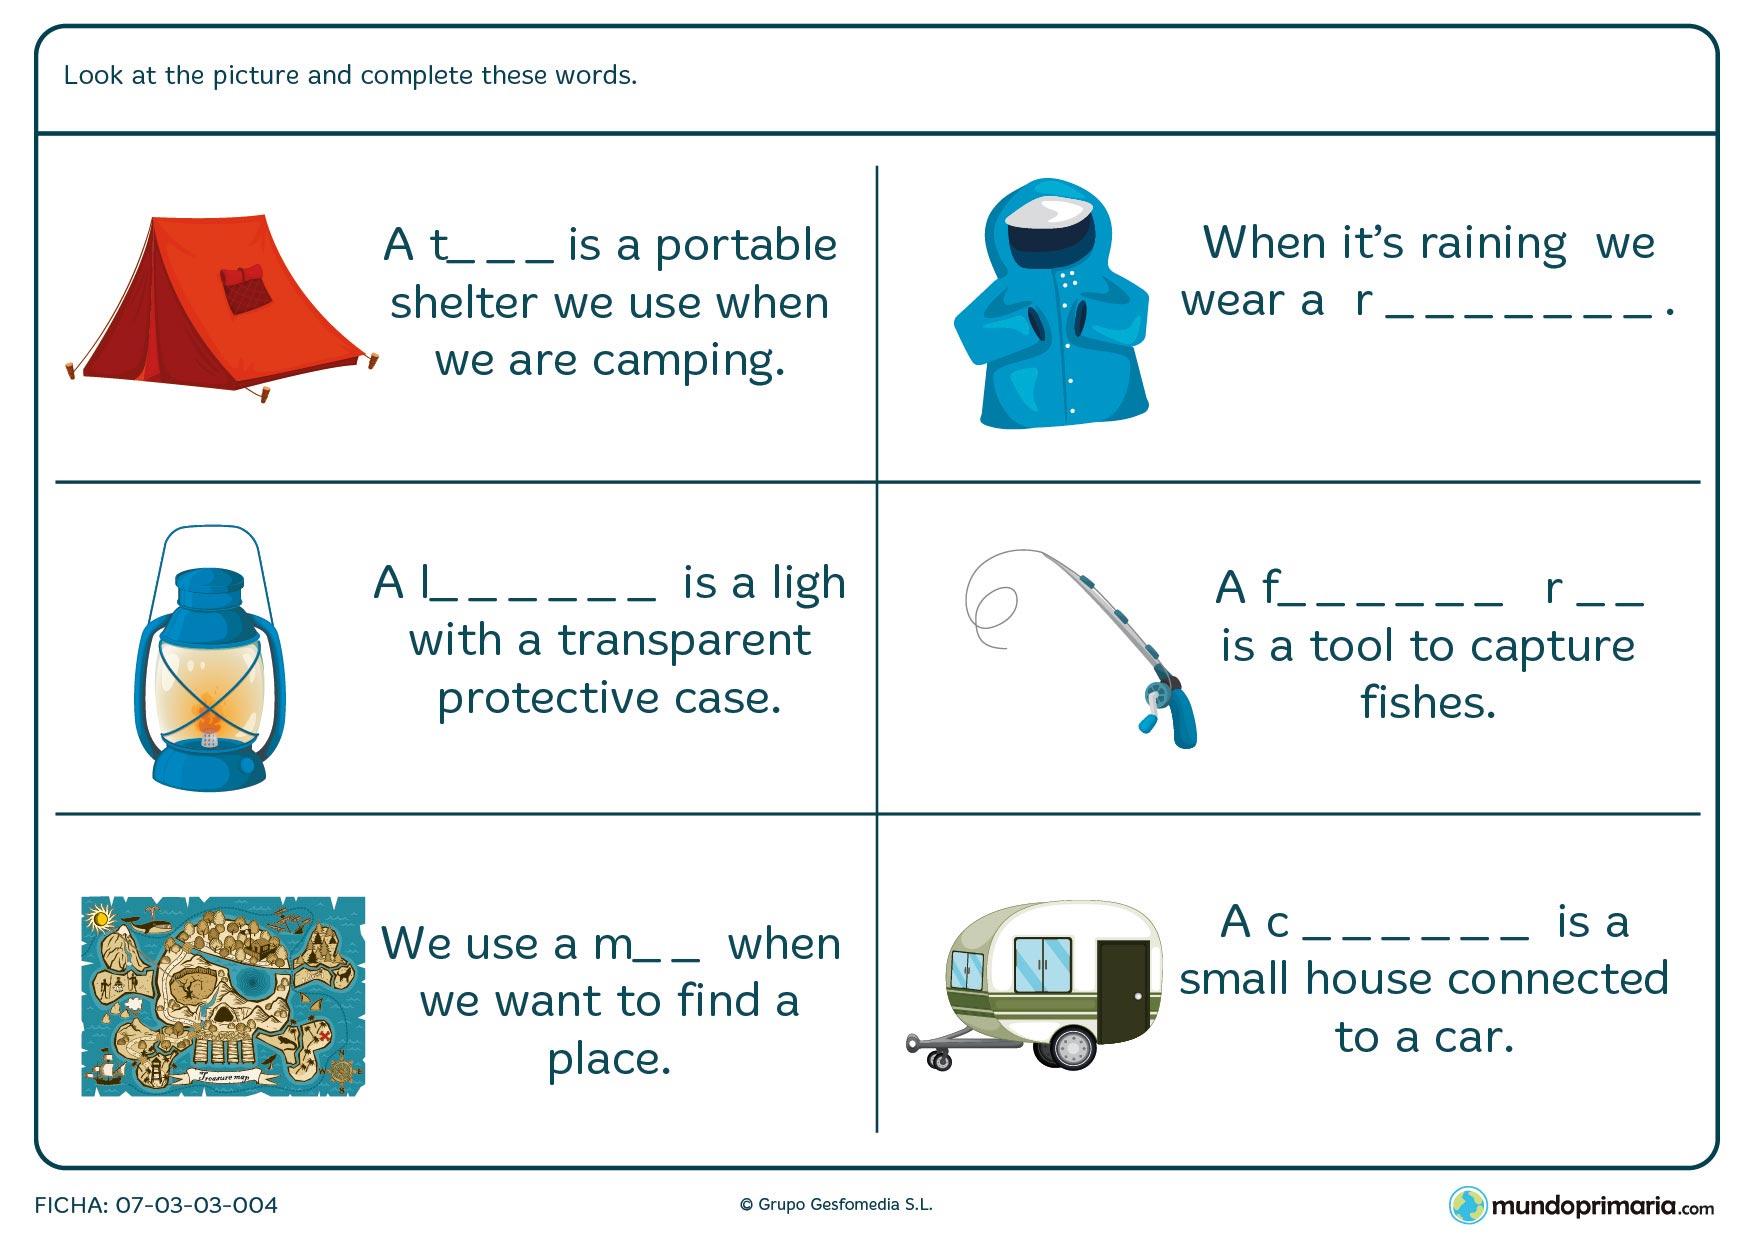 Ficha para completar los huecos en blanco y crear palabras de vocabulario de campamento.